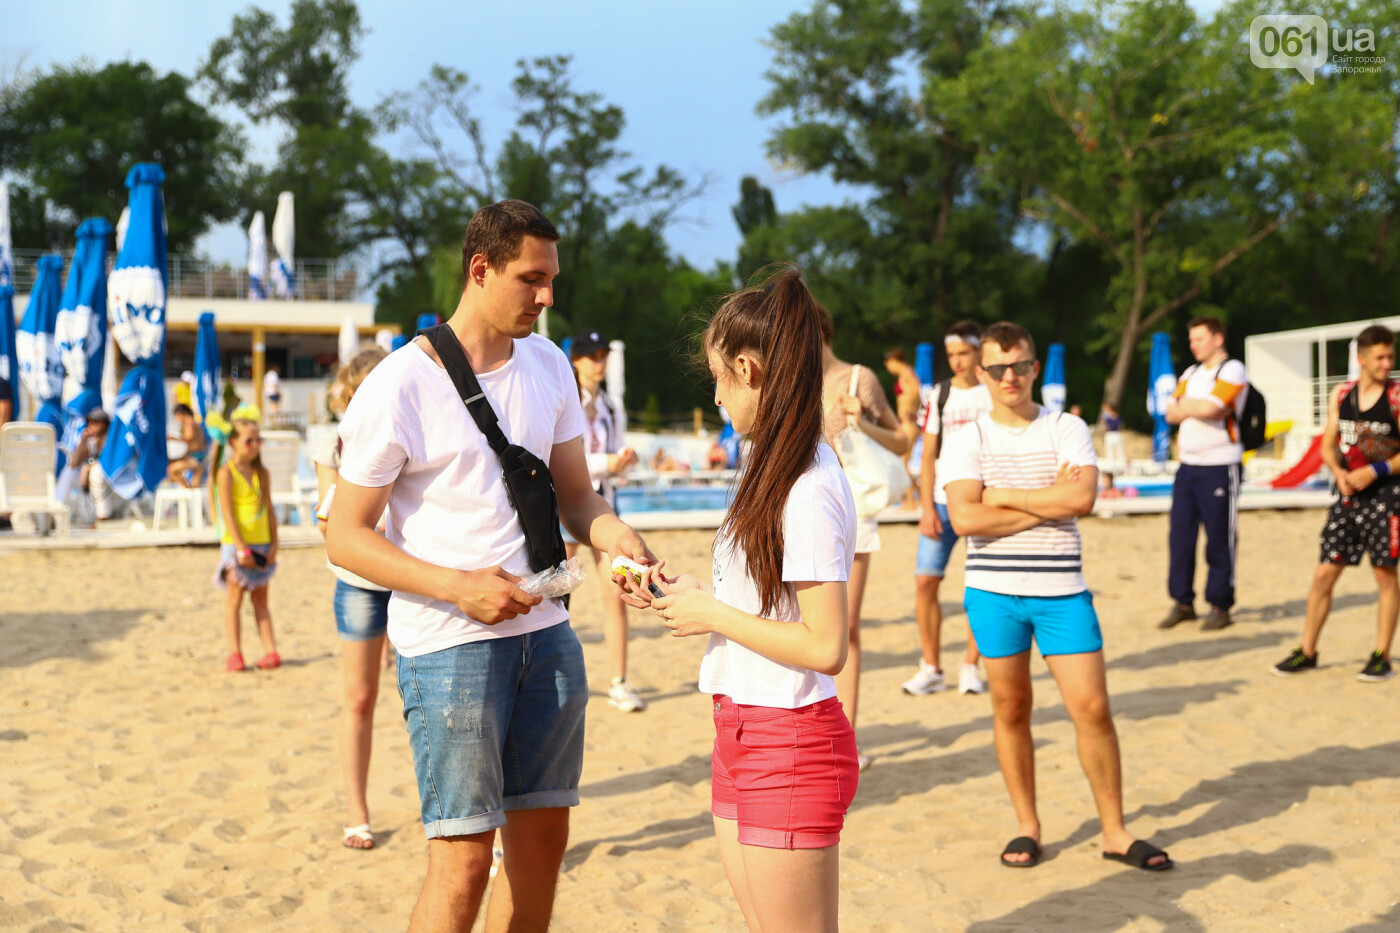 На пляже в Запорожье зажгли желто-синие дымовые шашки и установили рекорд Украины, - ФОТОРЕПОРТАЖ, фото-10